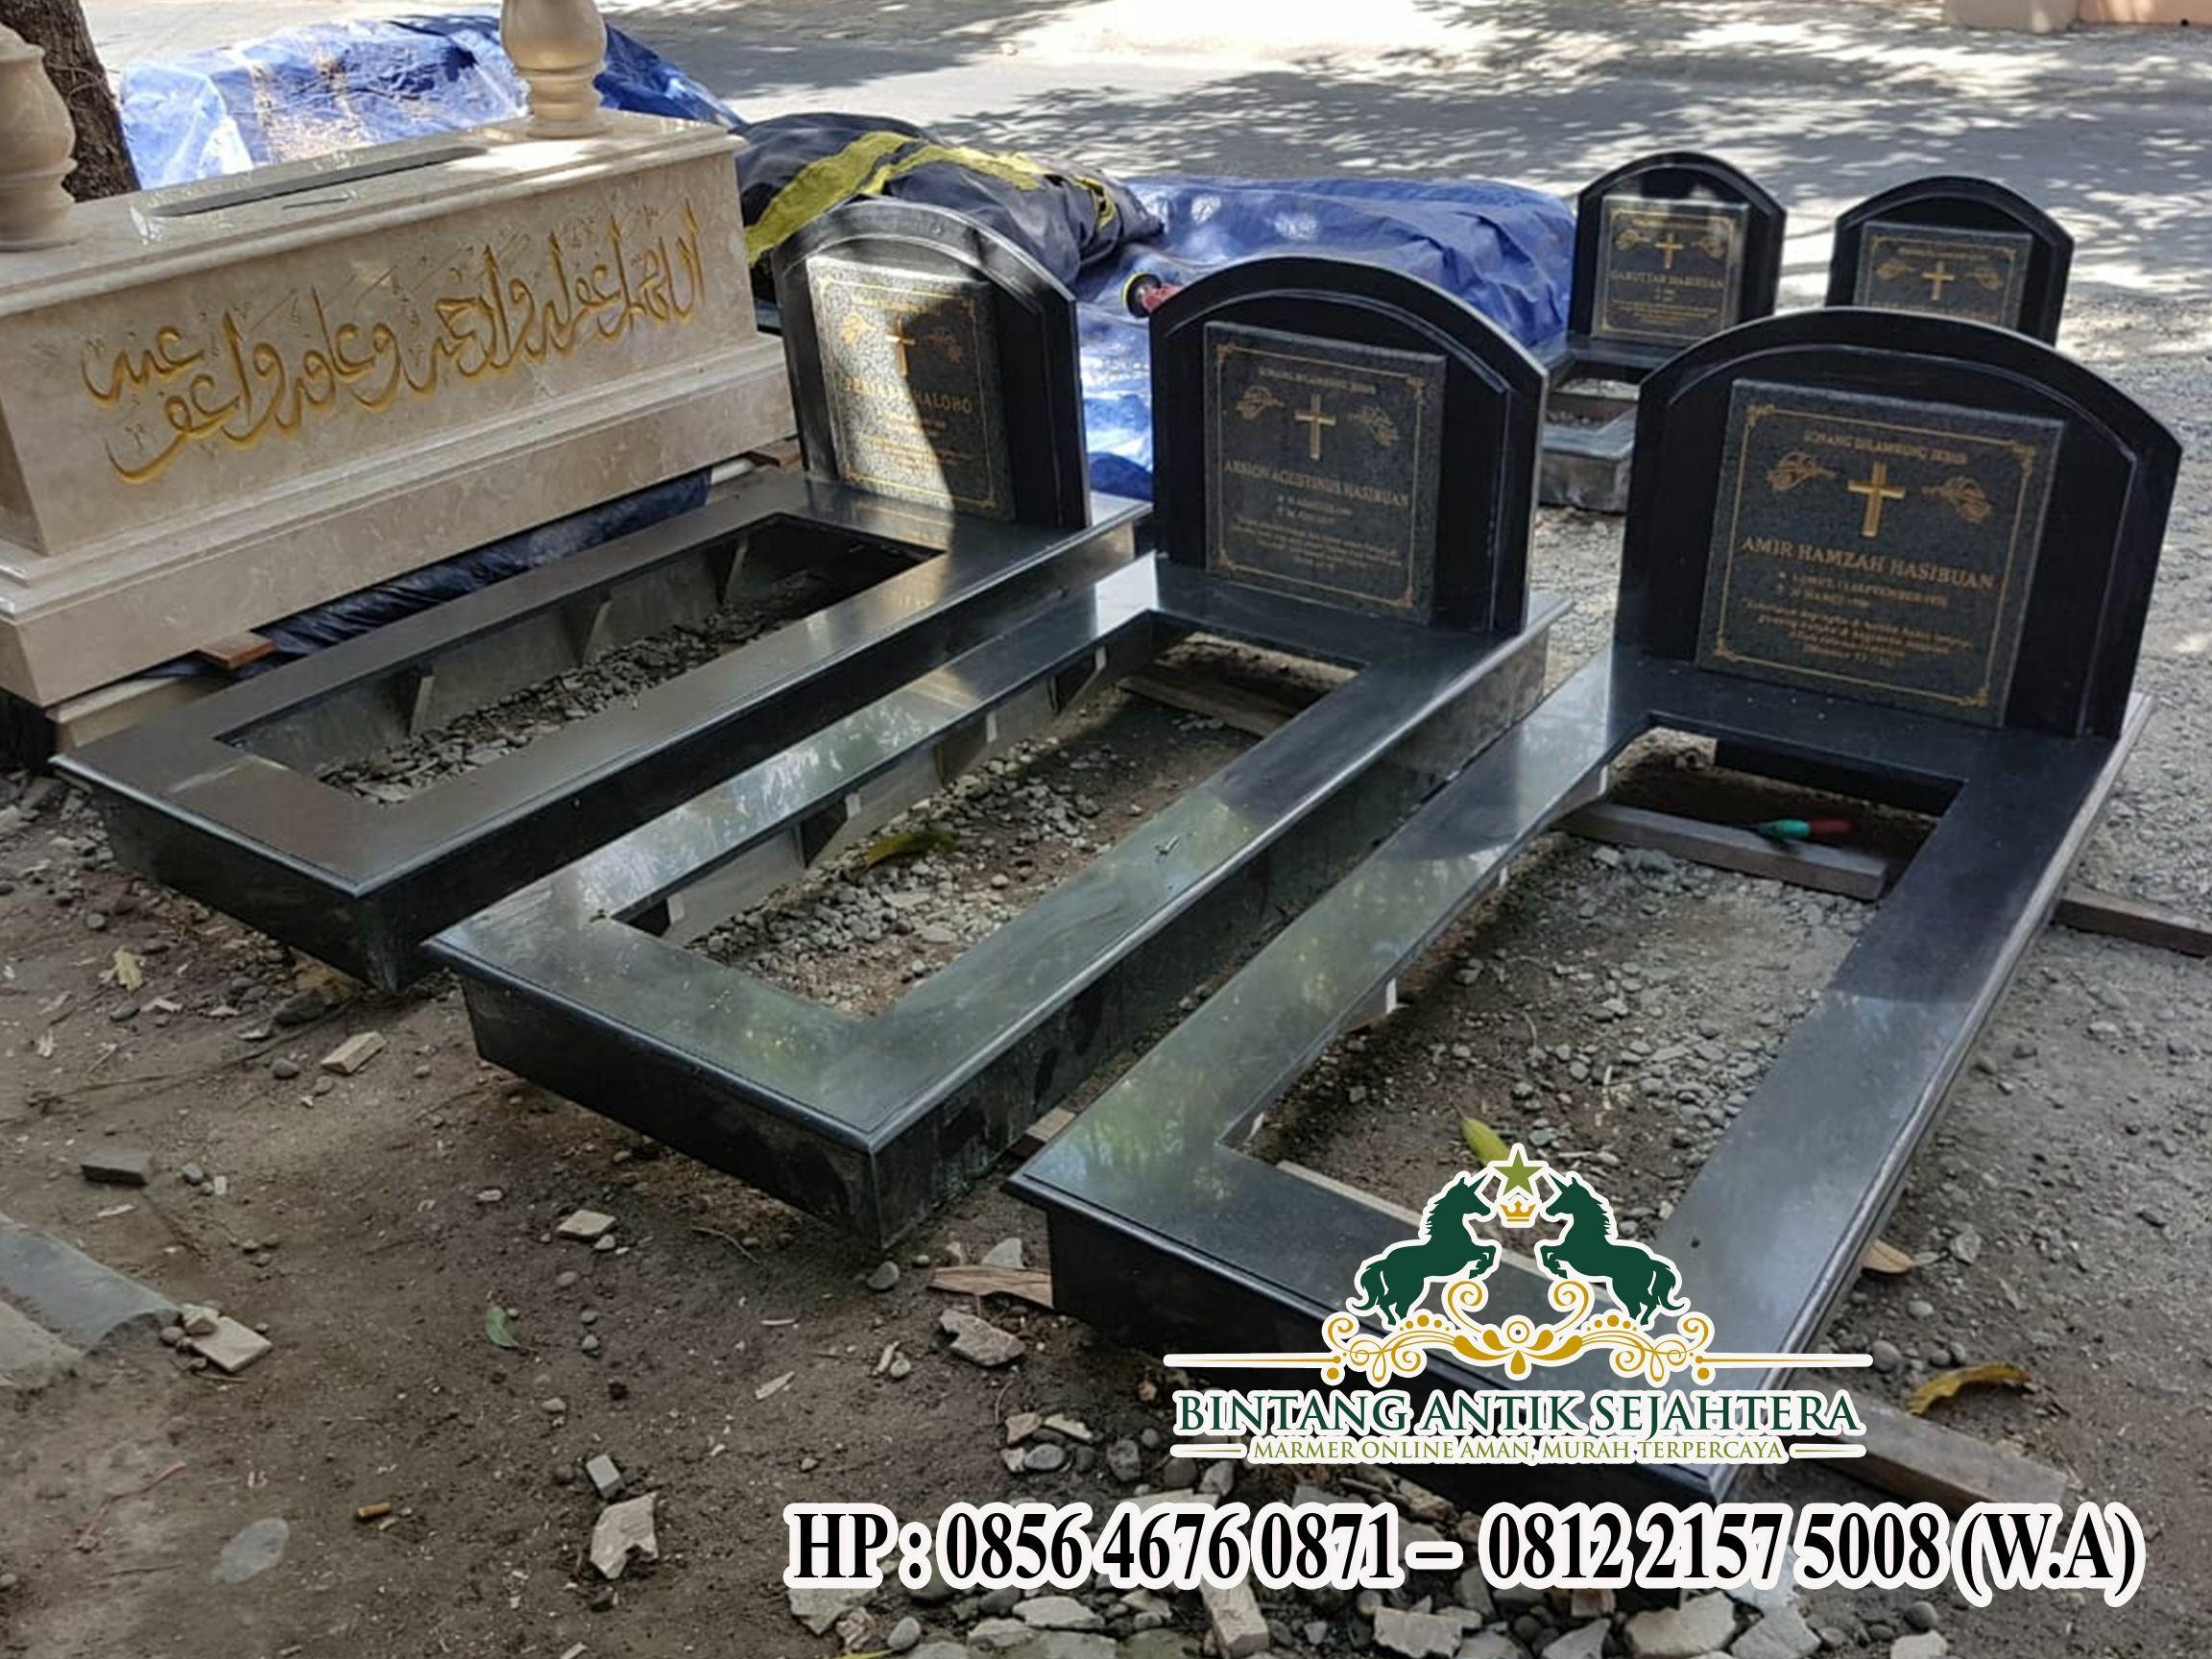 Jual Kijing Kristen | Model Kuburan Kristen Minimalis